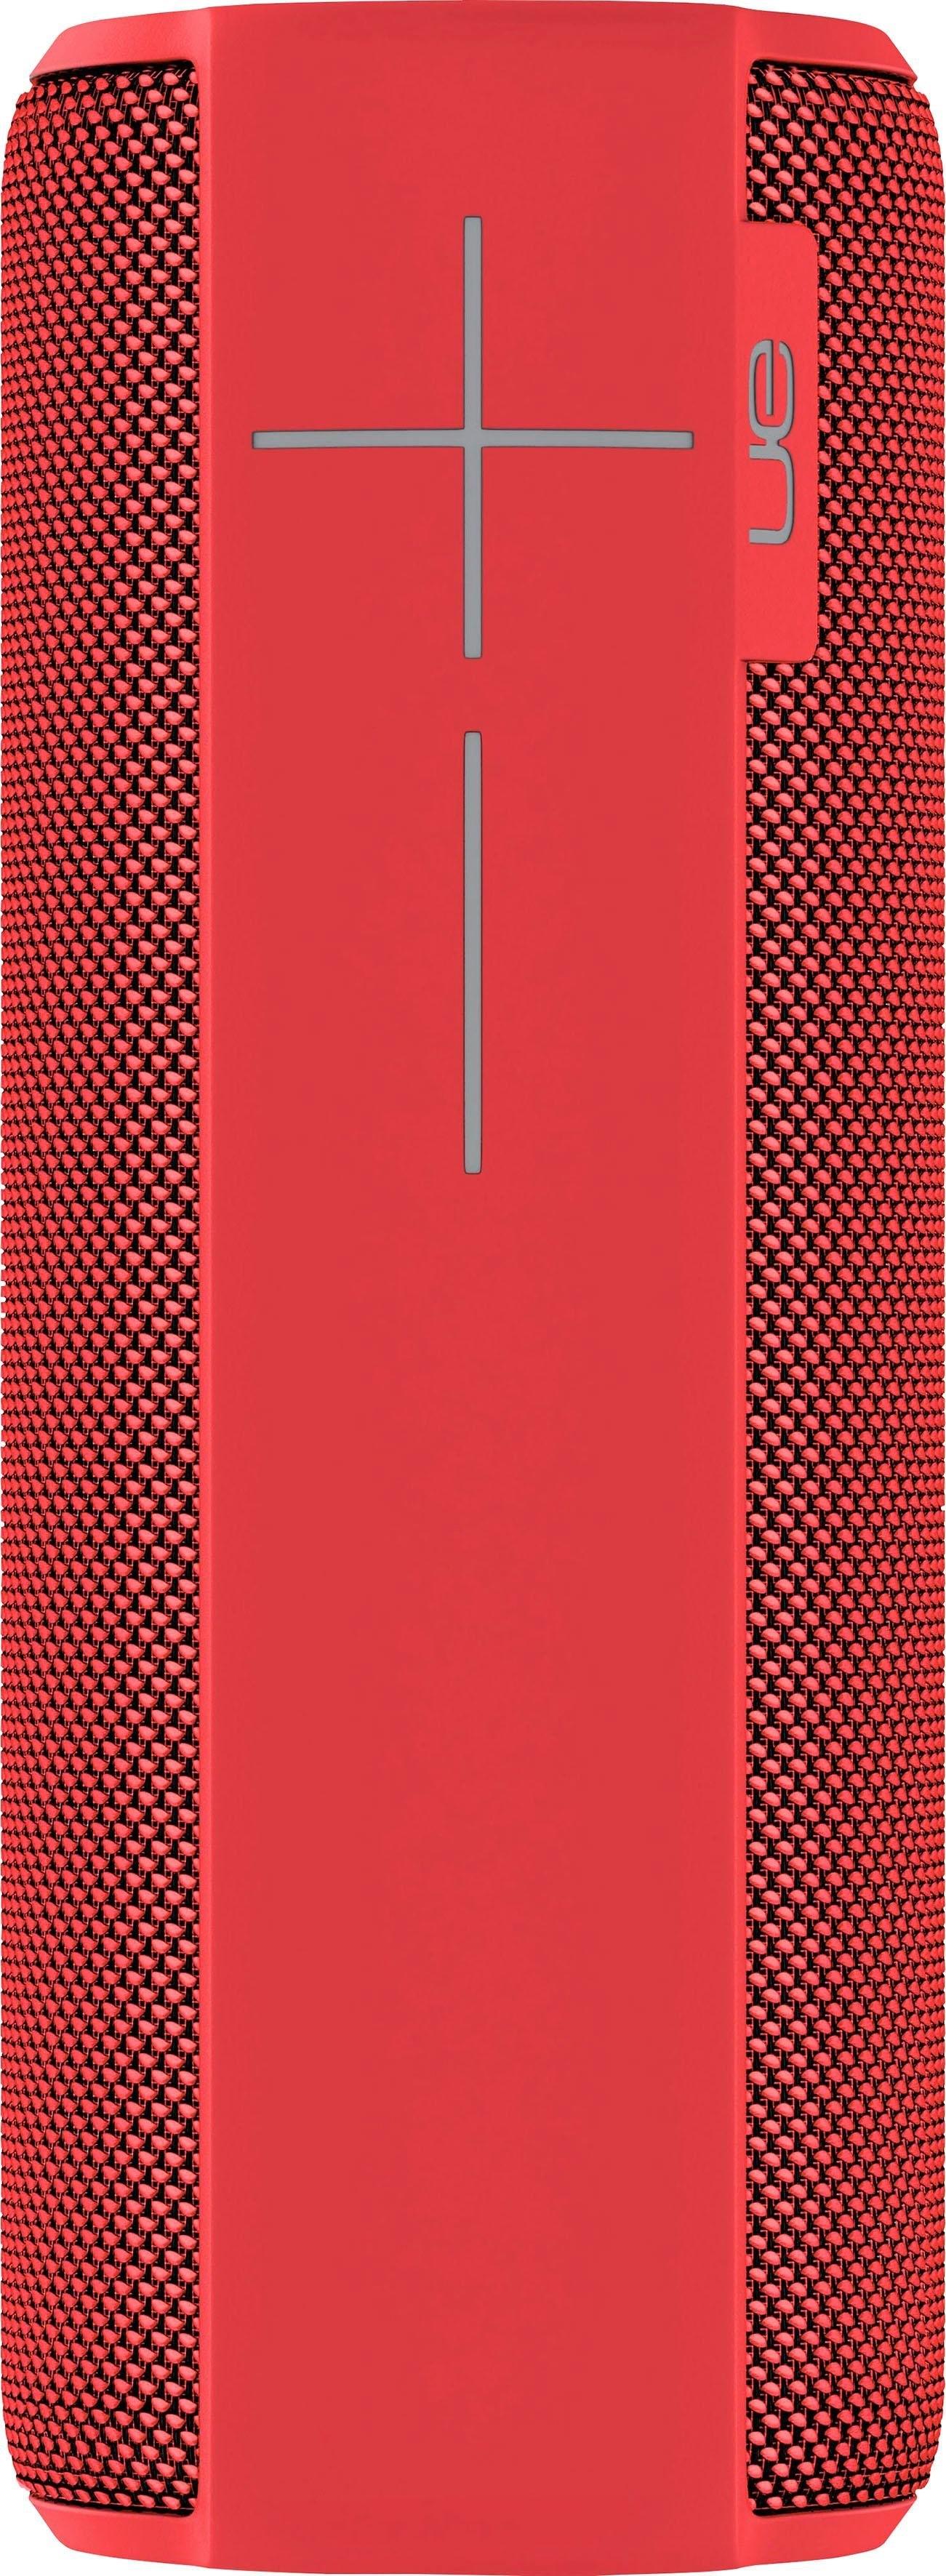 Ue Ultimate Ears »MEGABOOM« 1.0 losse luidspreker (bluetooth, NFC, handsfreefunctie, app-aansturing) in de webshop van OTTO kopen